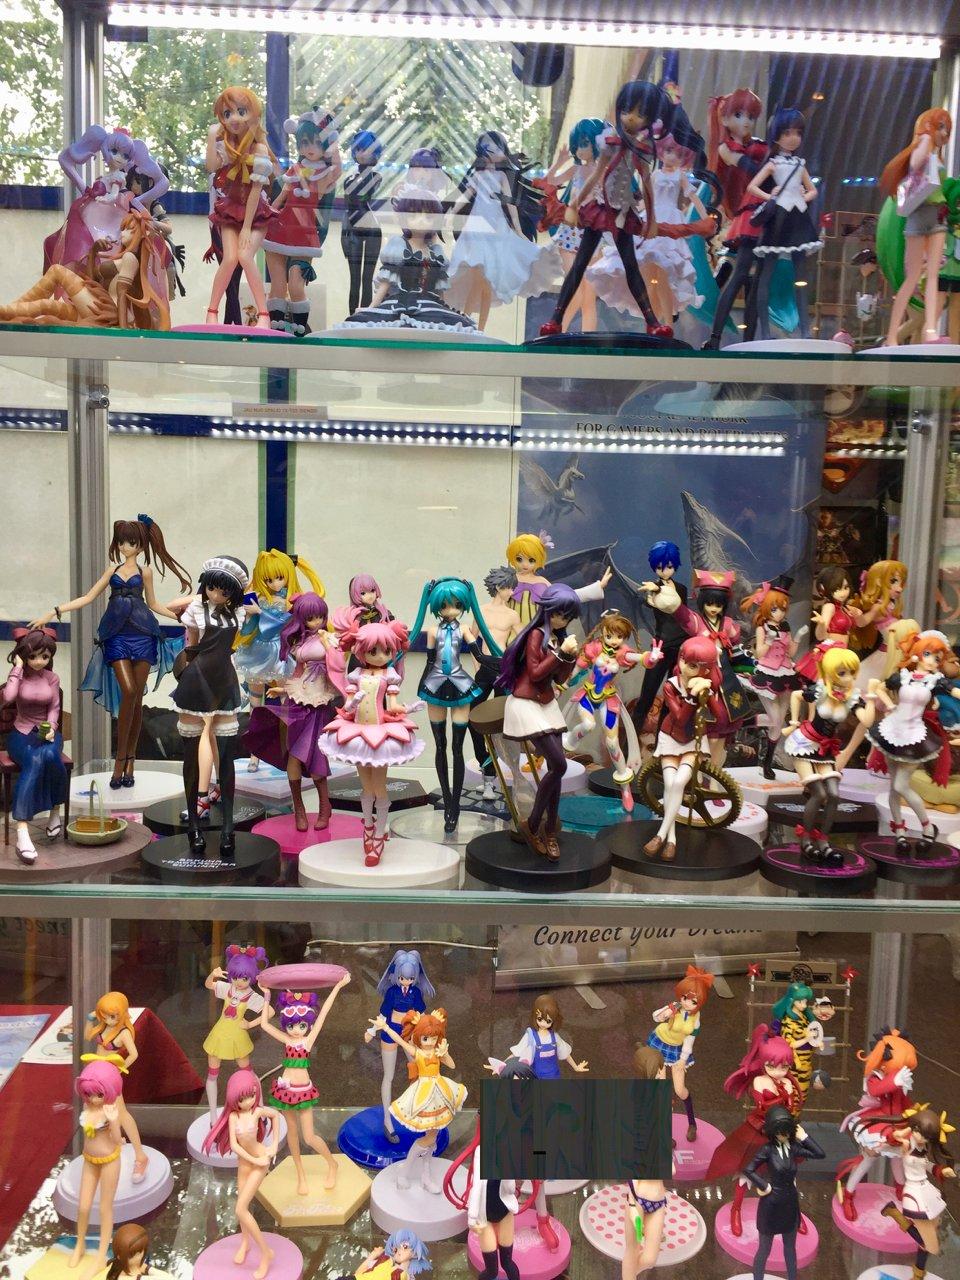 Game On prekybos zonoje -  turbūt visų žaidimų figūrėlės